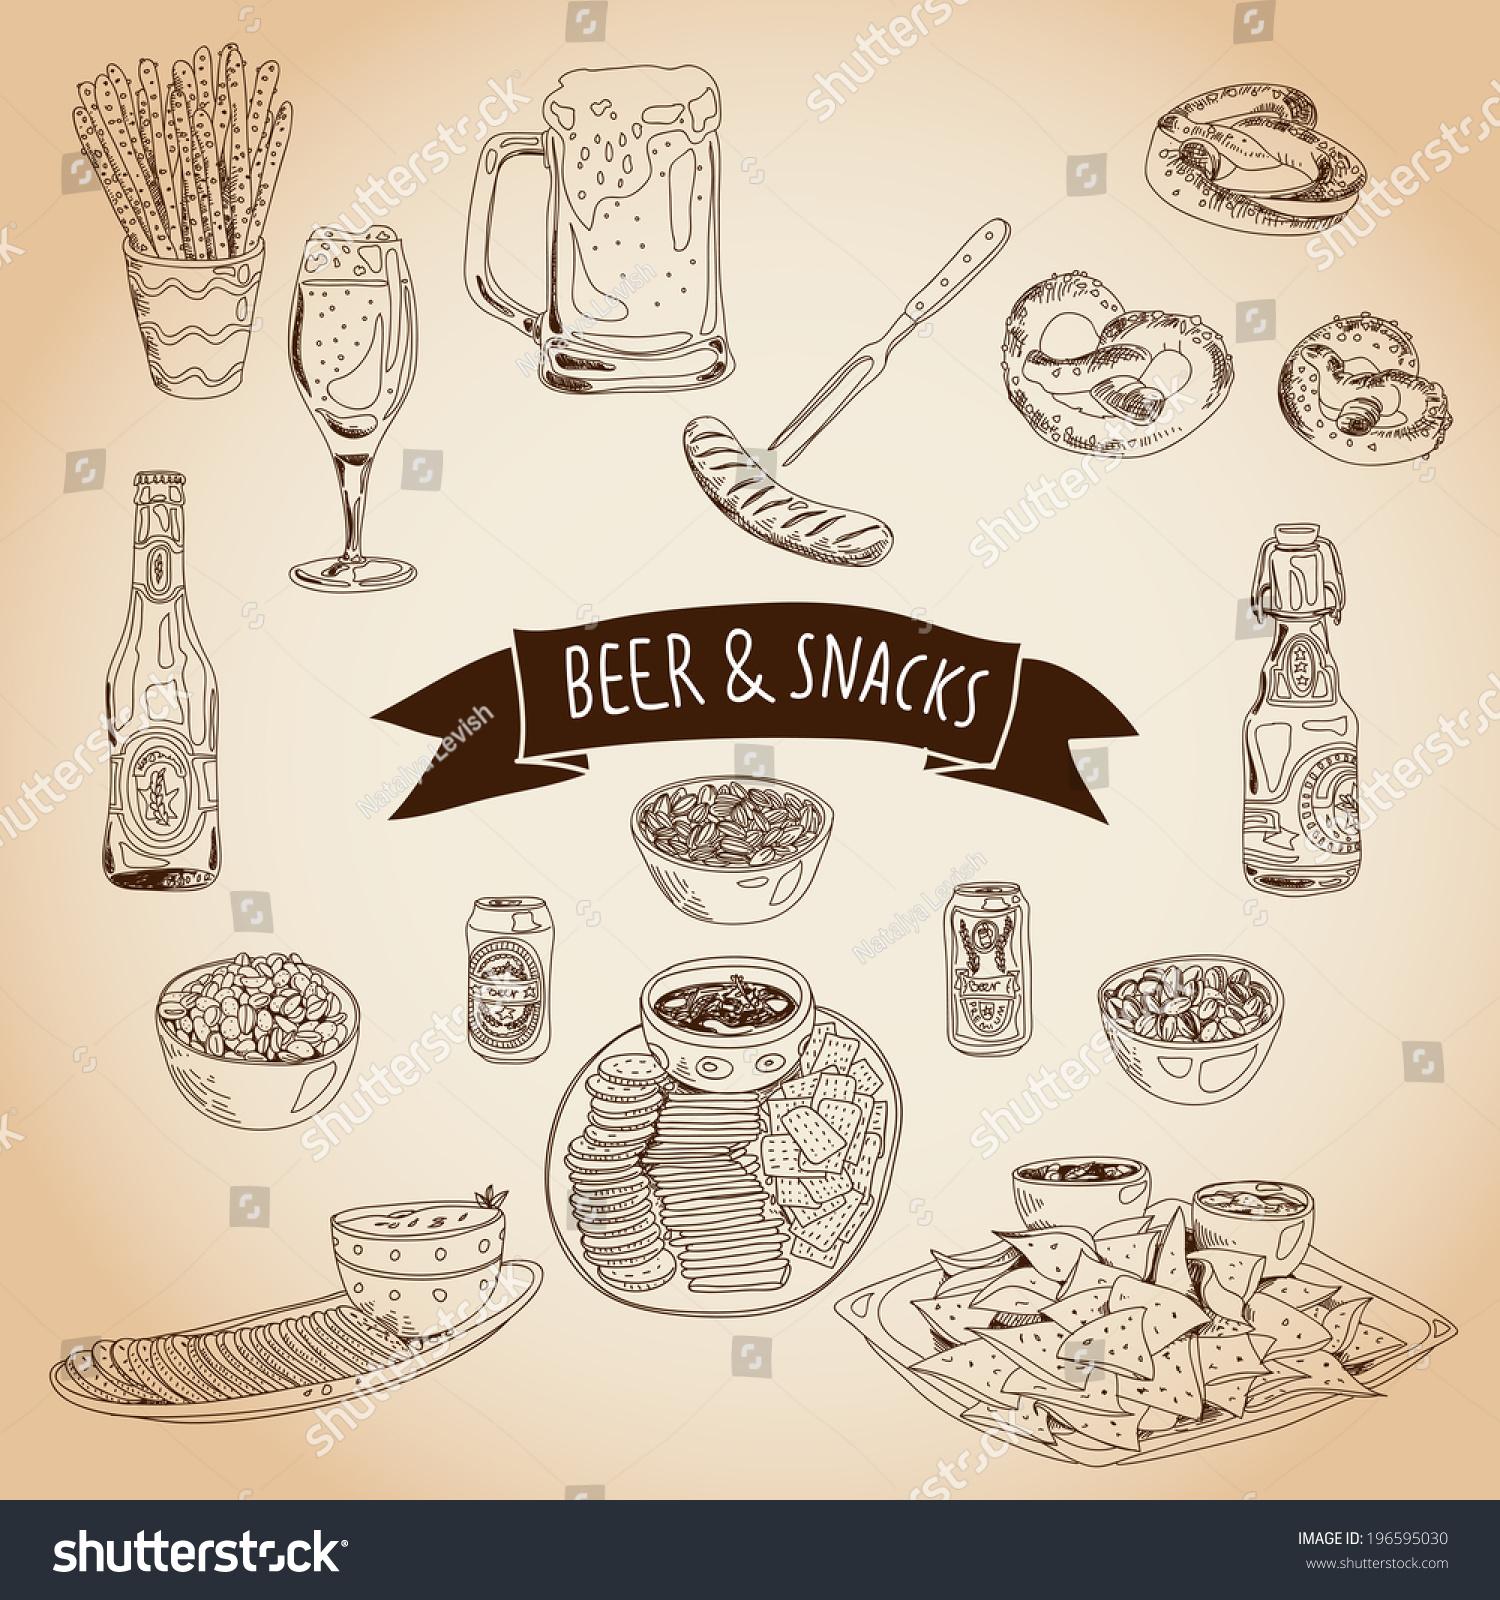 零食创意海报手绘